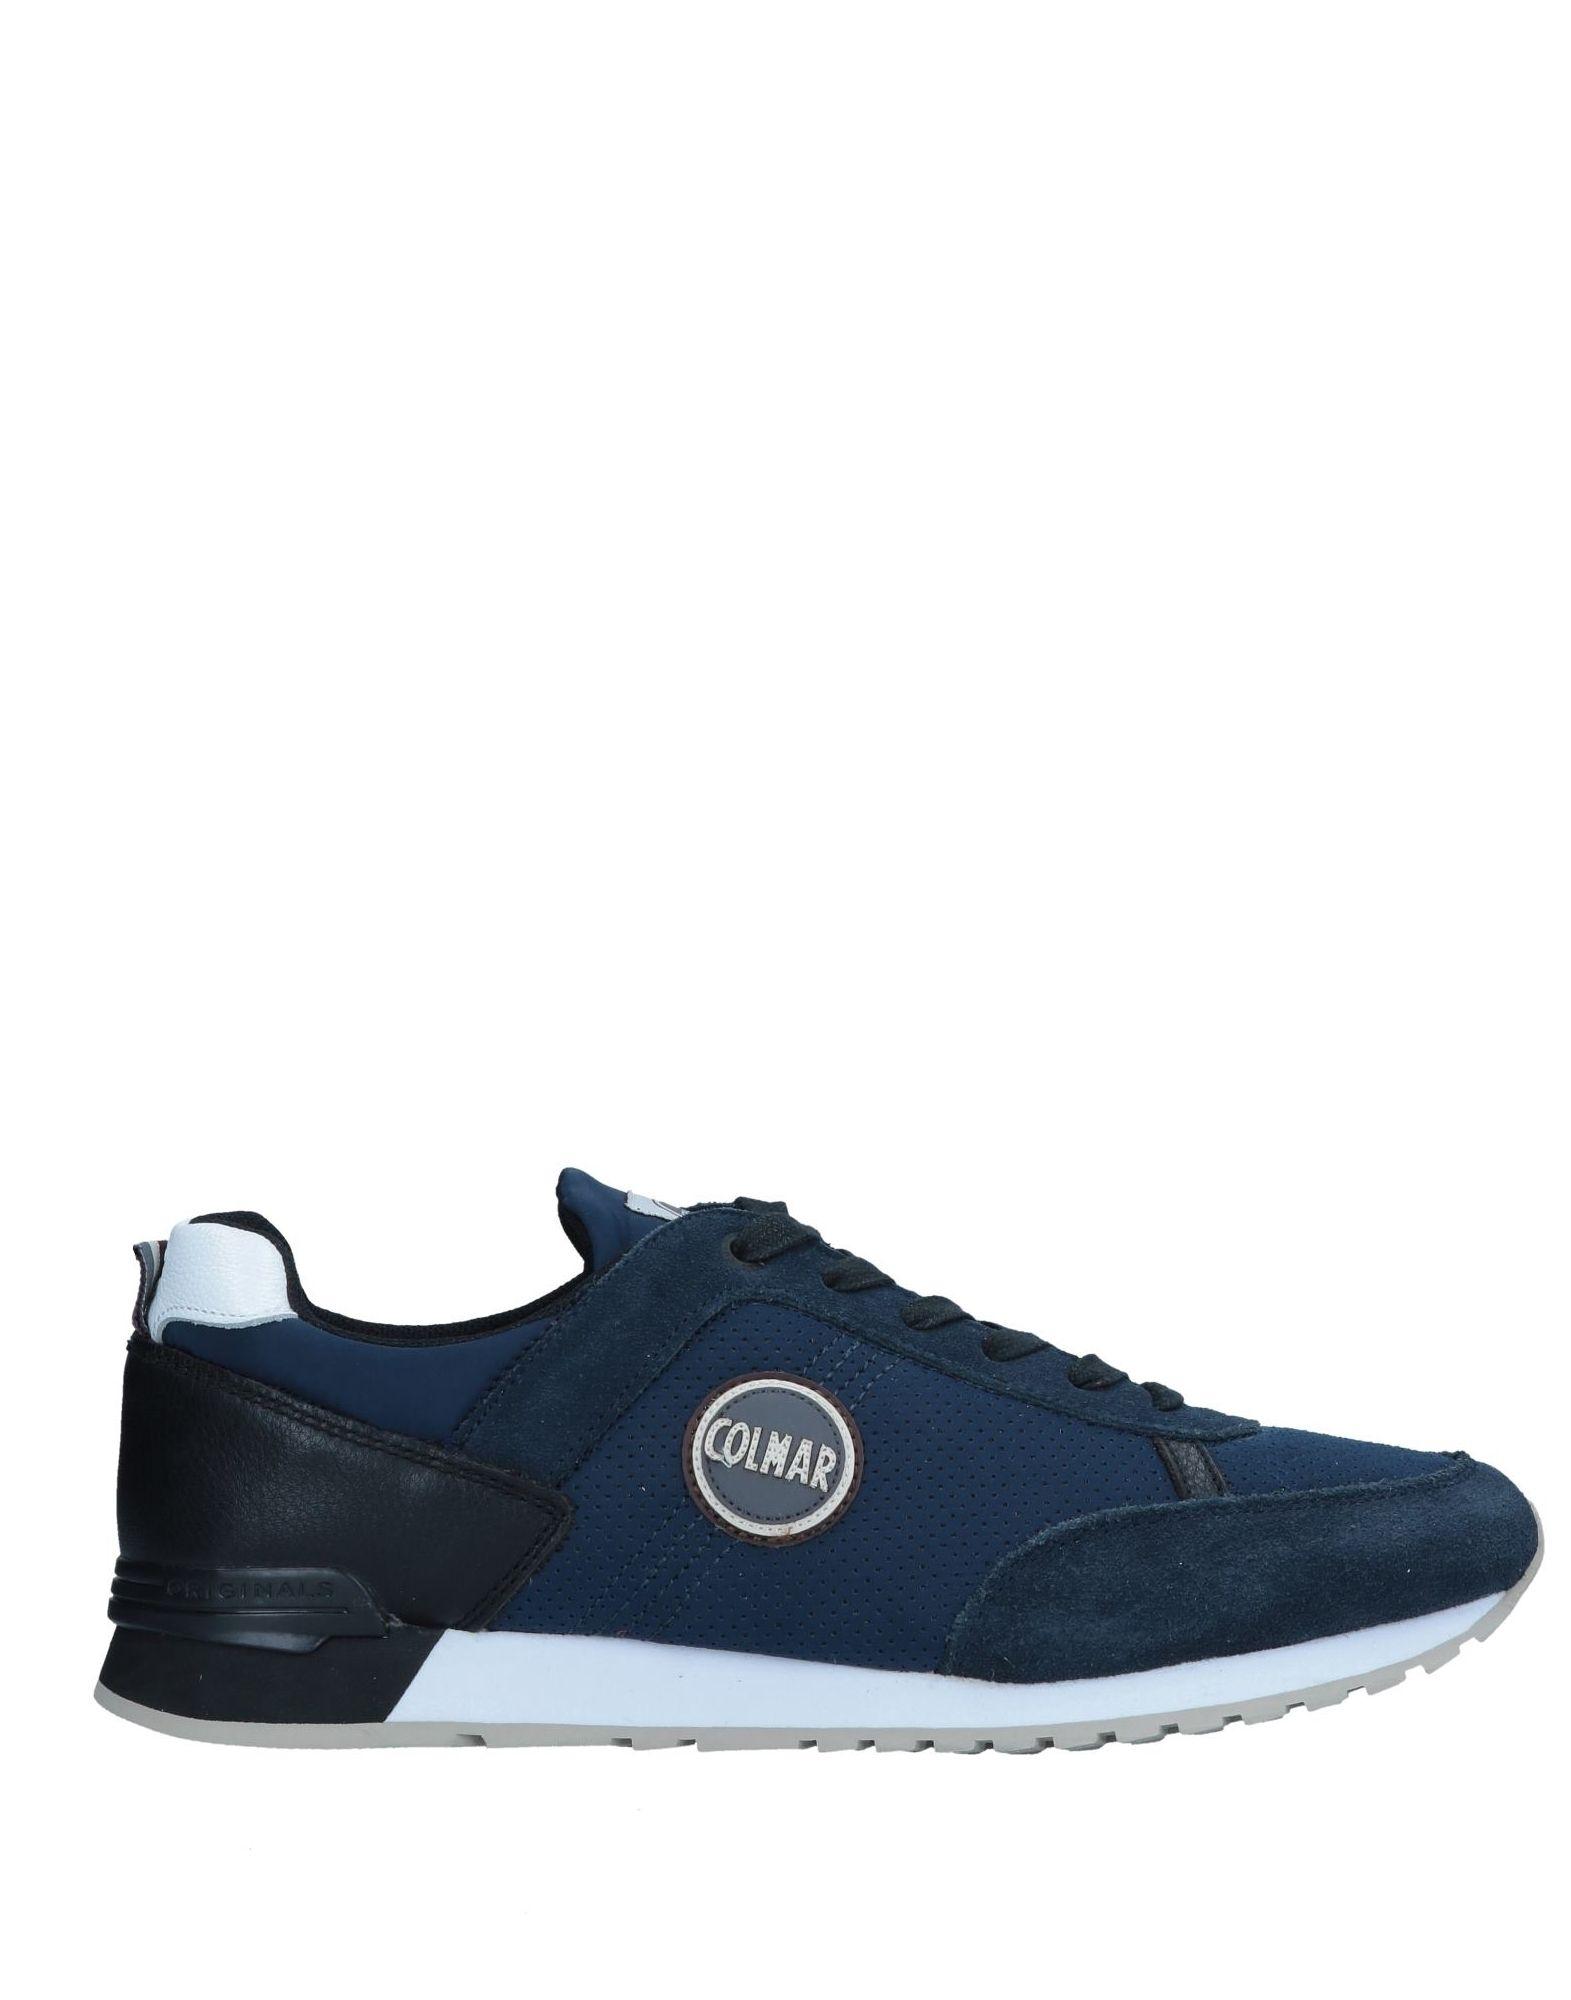 Colmar Sneakers United - Men Colmar Sneakers online on  United Sneakers Kingdom - 11546539GE 14dae8